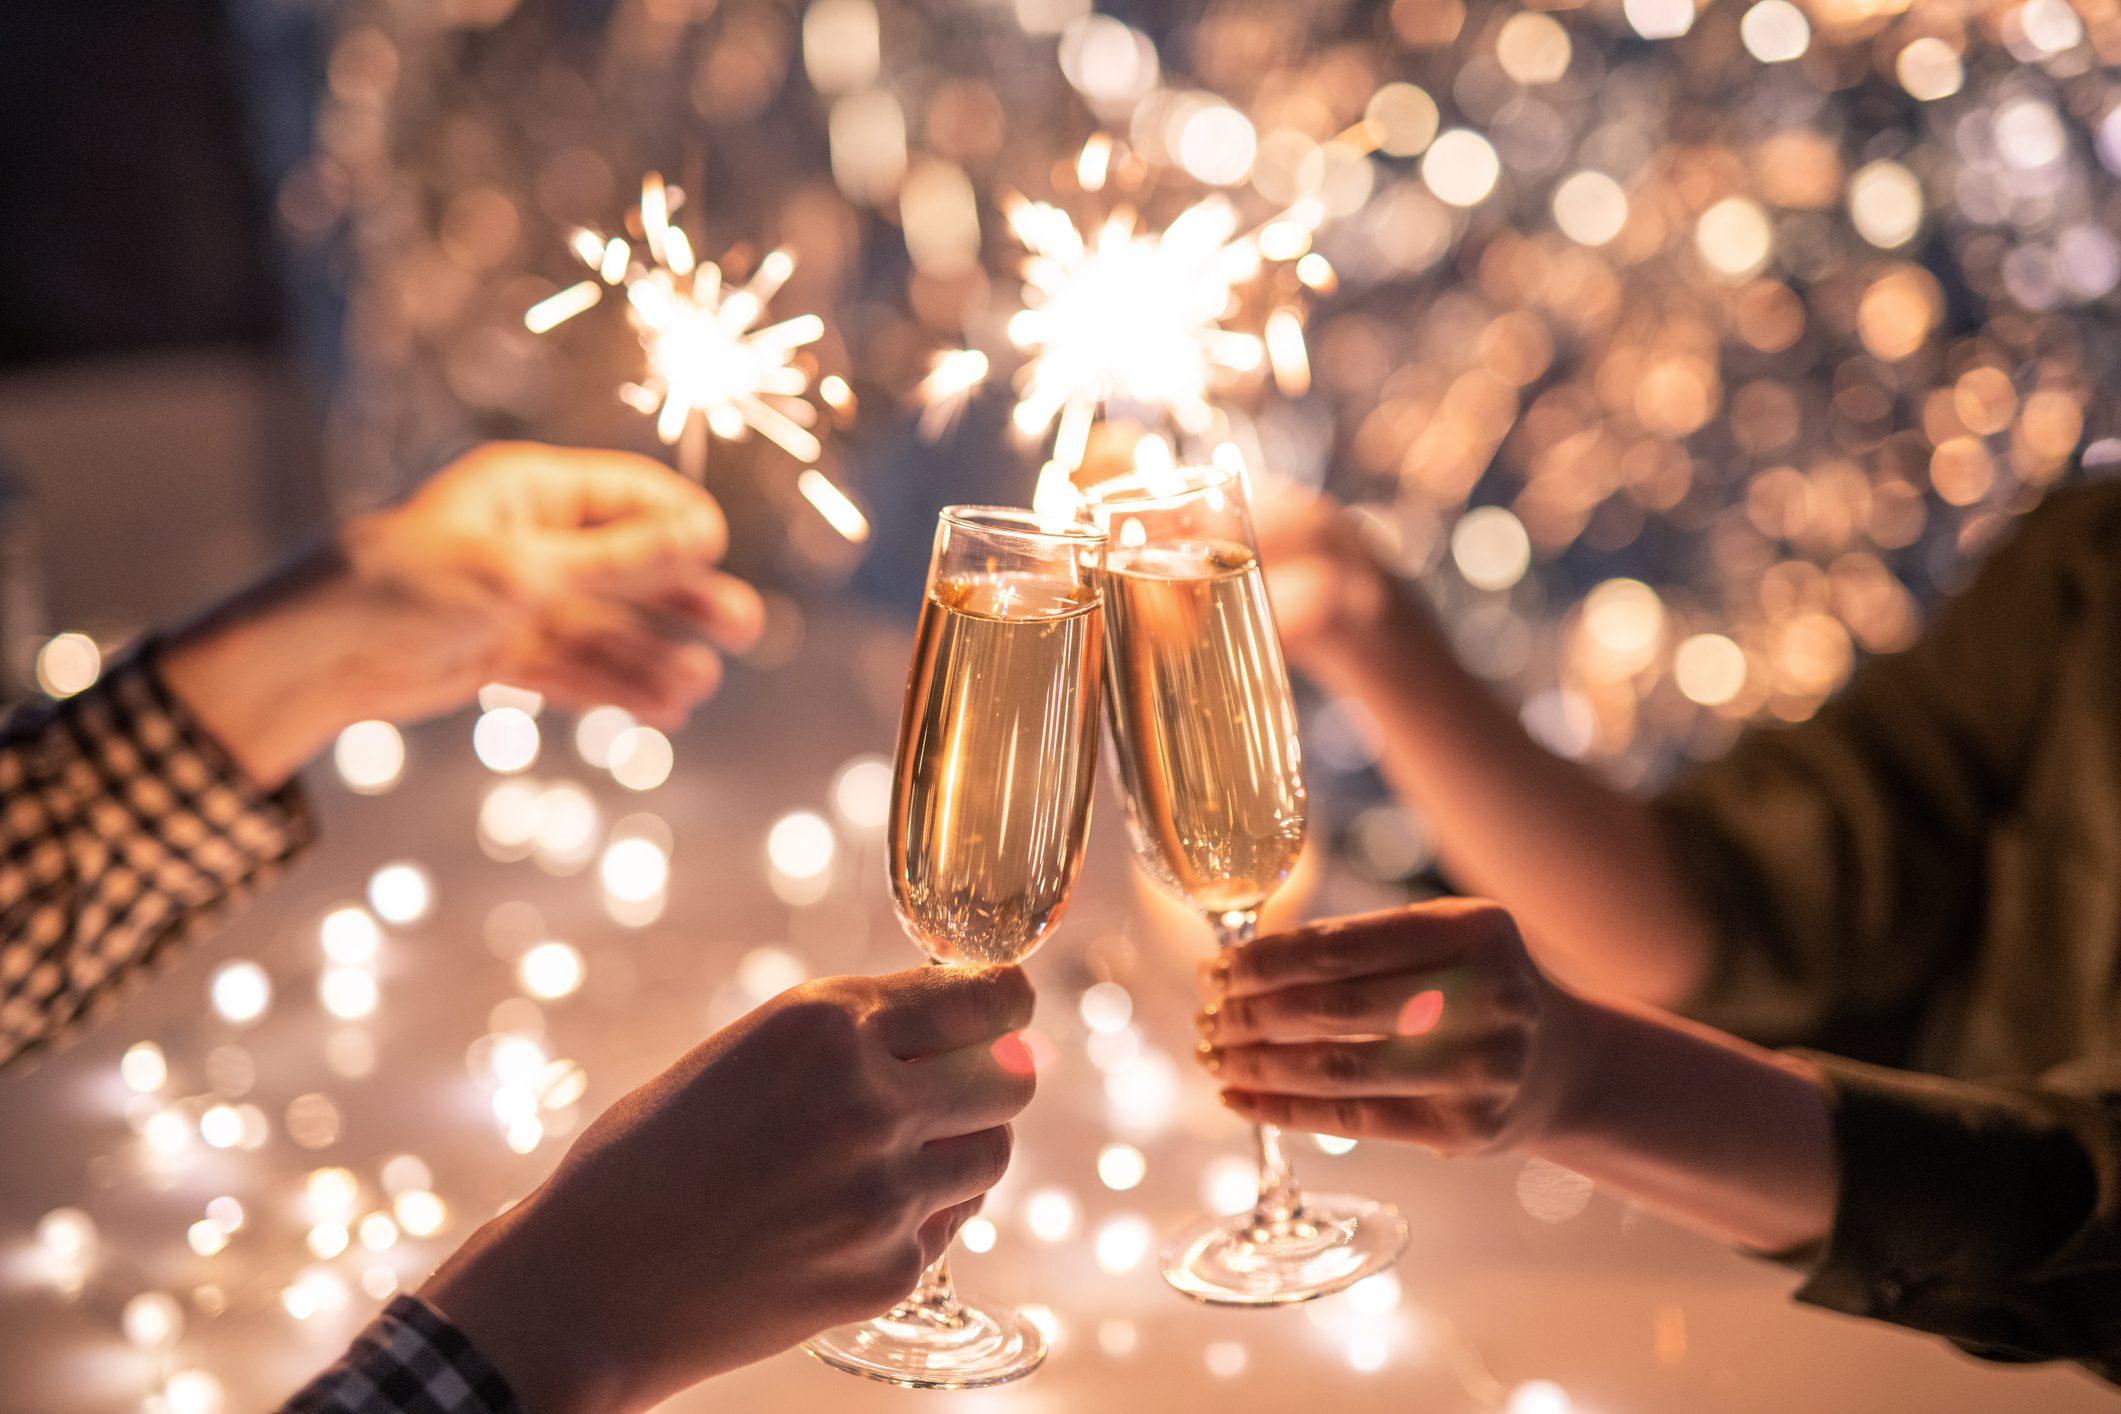 Migliori bicchieri da champagne: classifica e recensioni